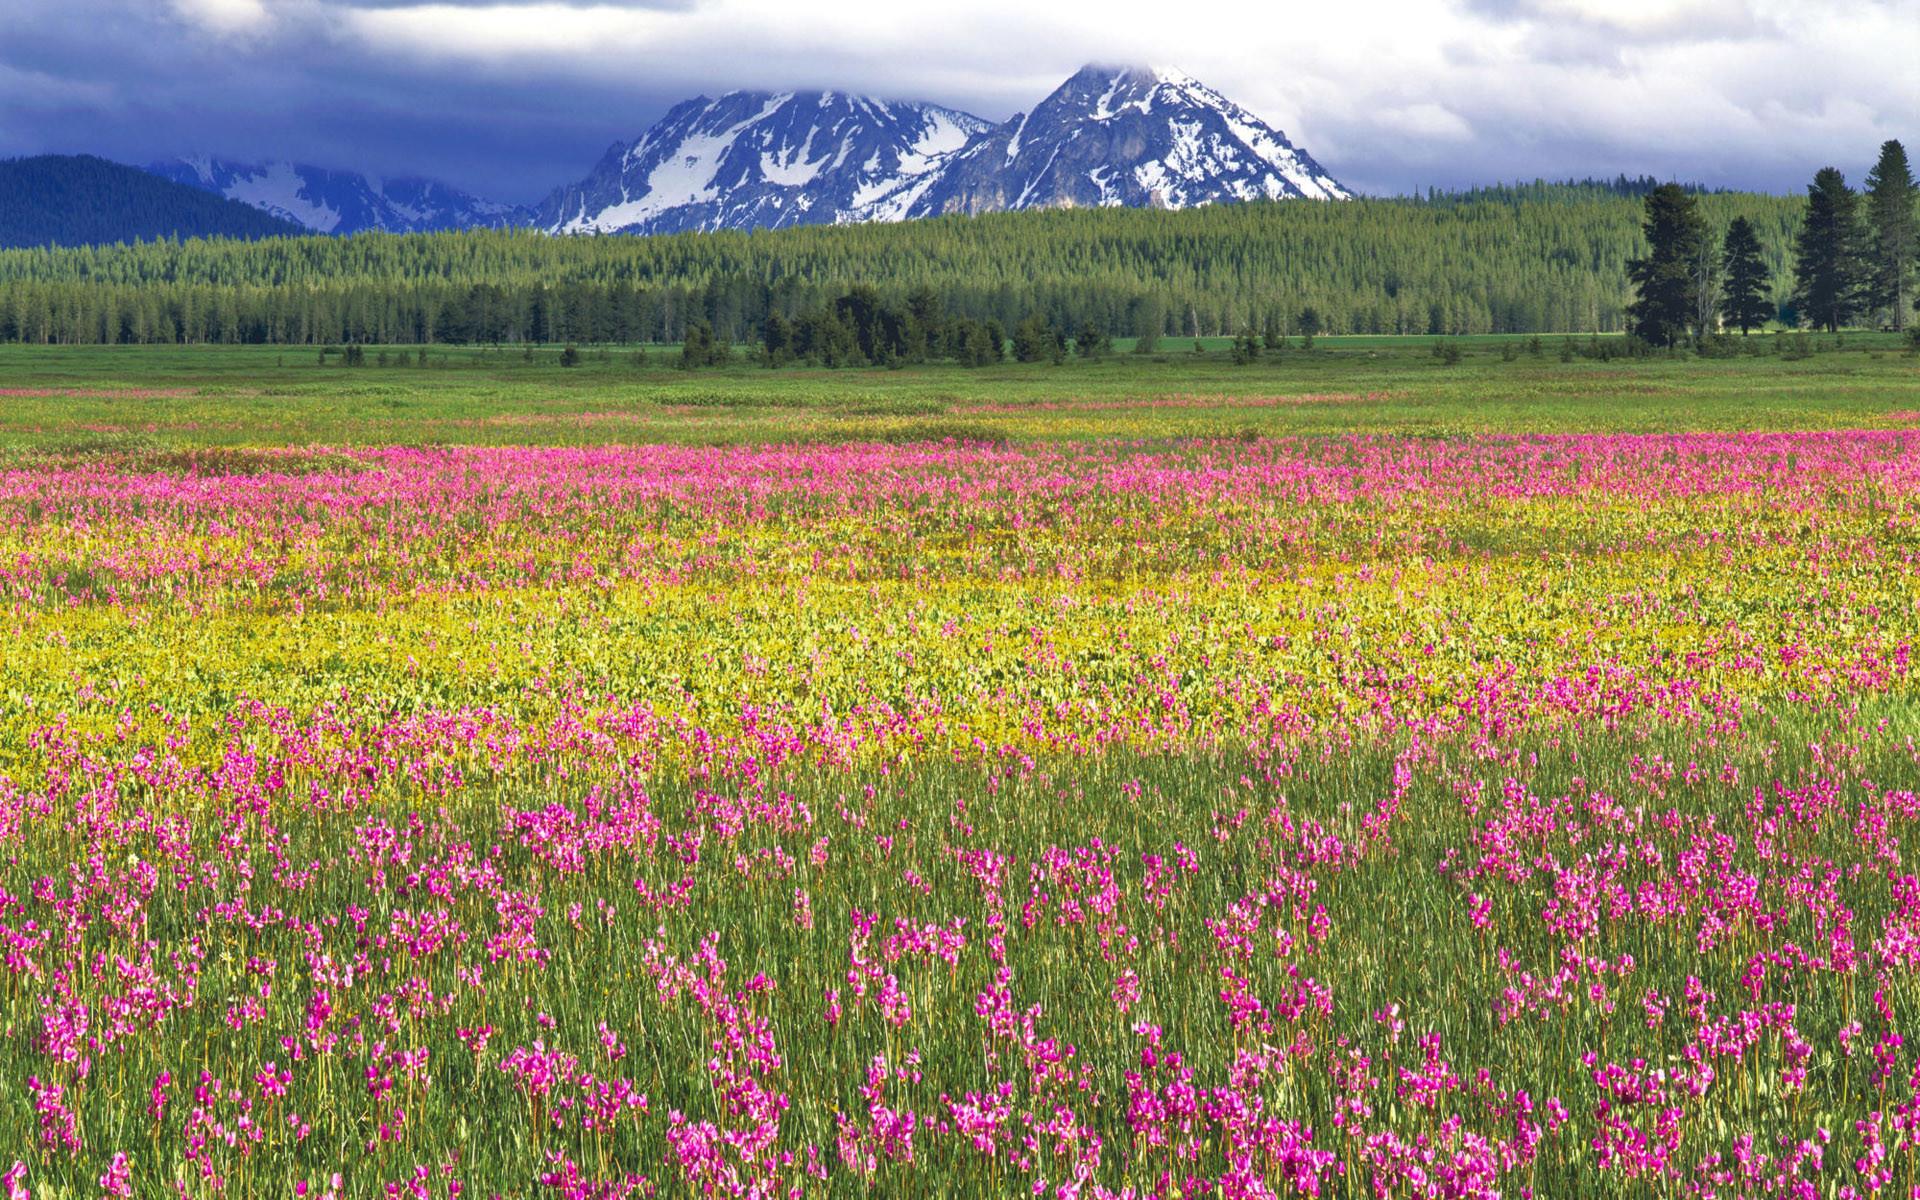 Sfondi desktop primavera 50 immagini for Wallpaper hd paesaggi